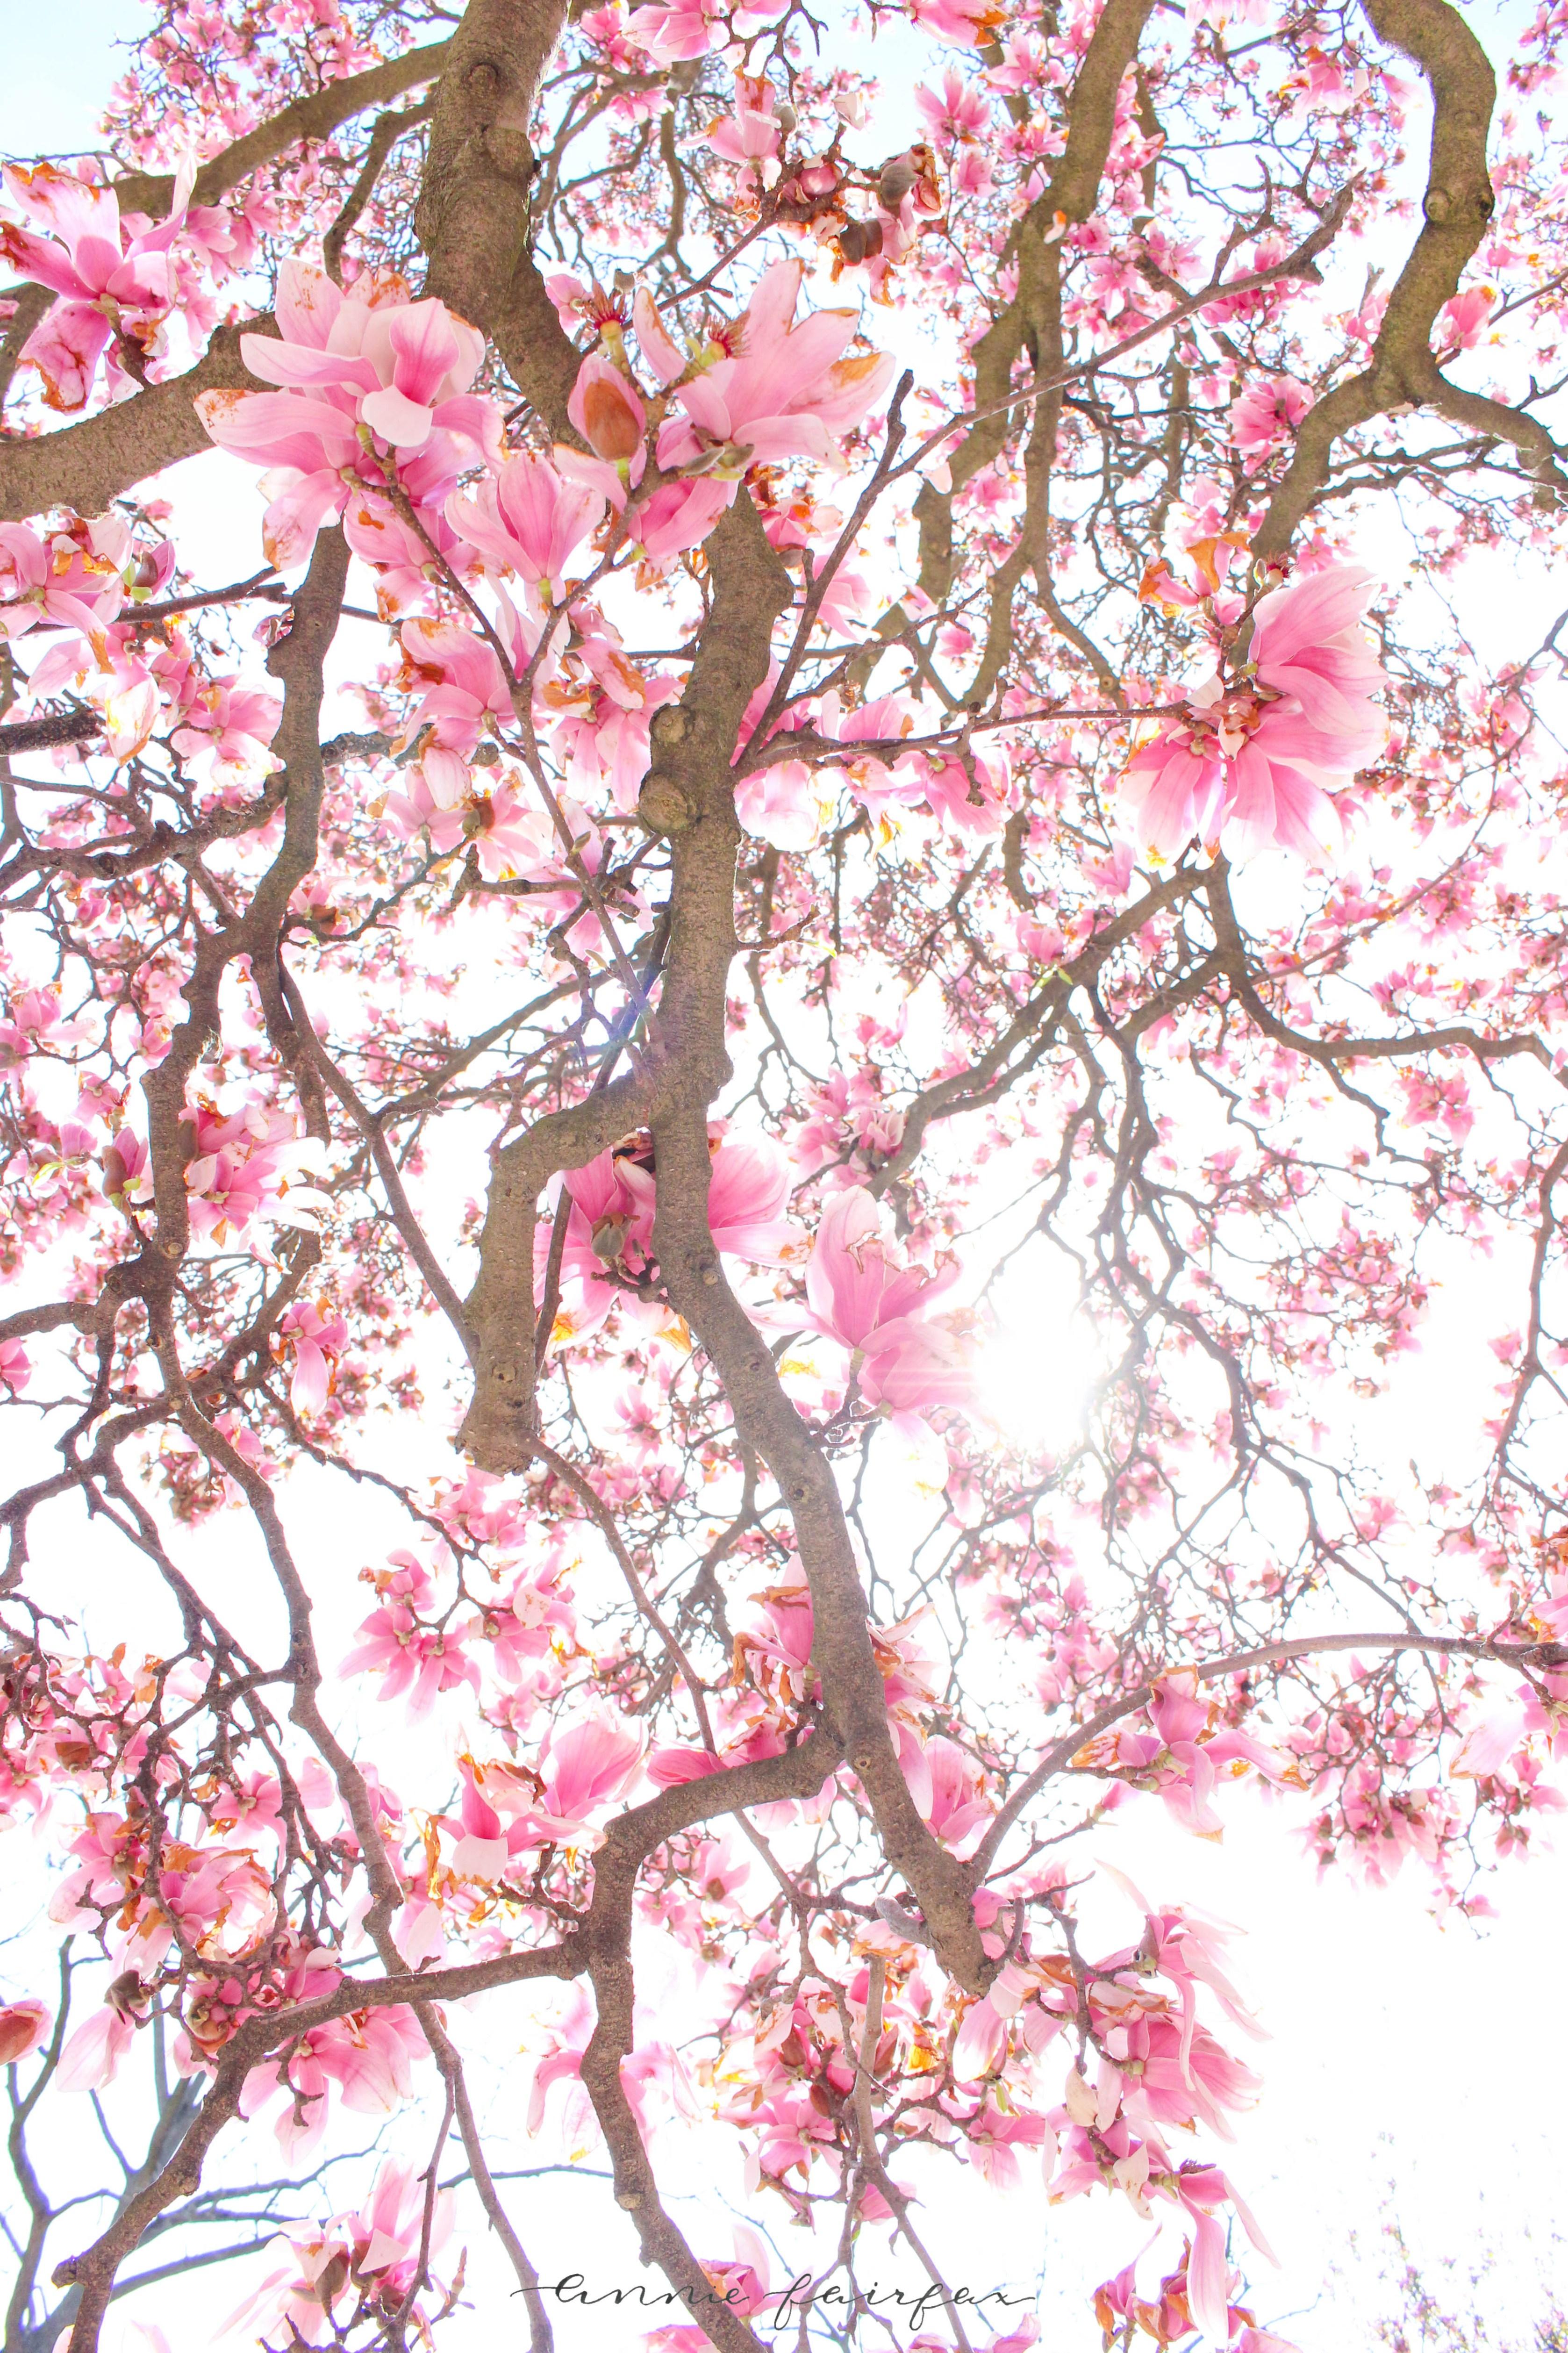 Magnolia Blossoms by Annie Fairfax